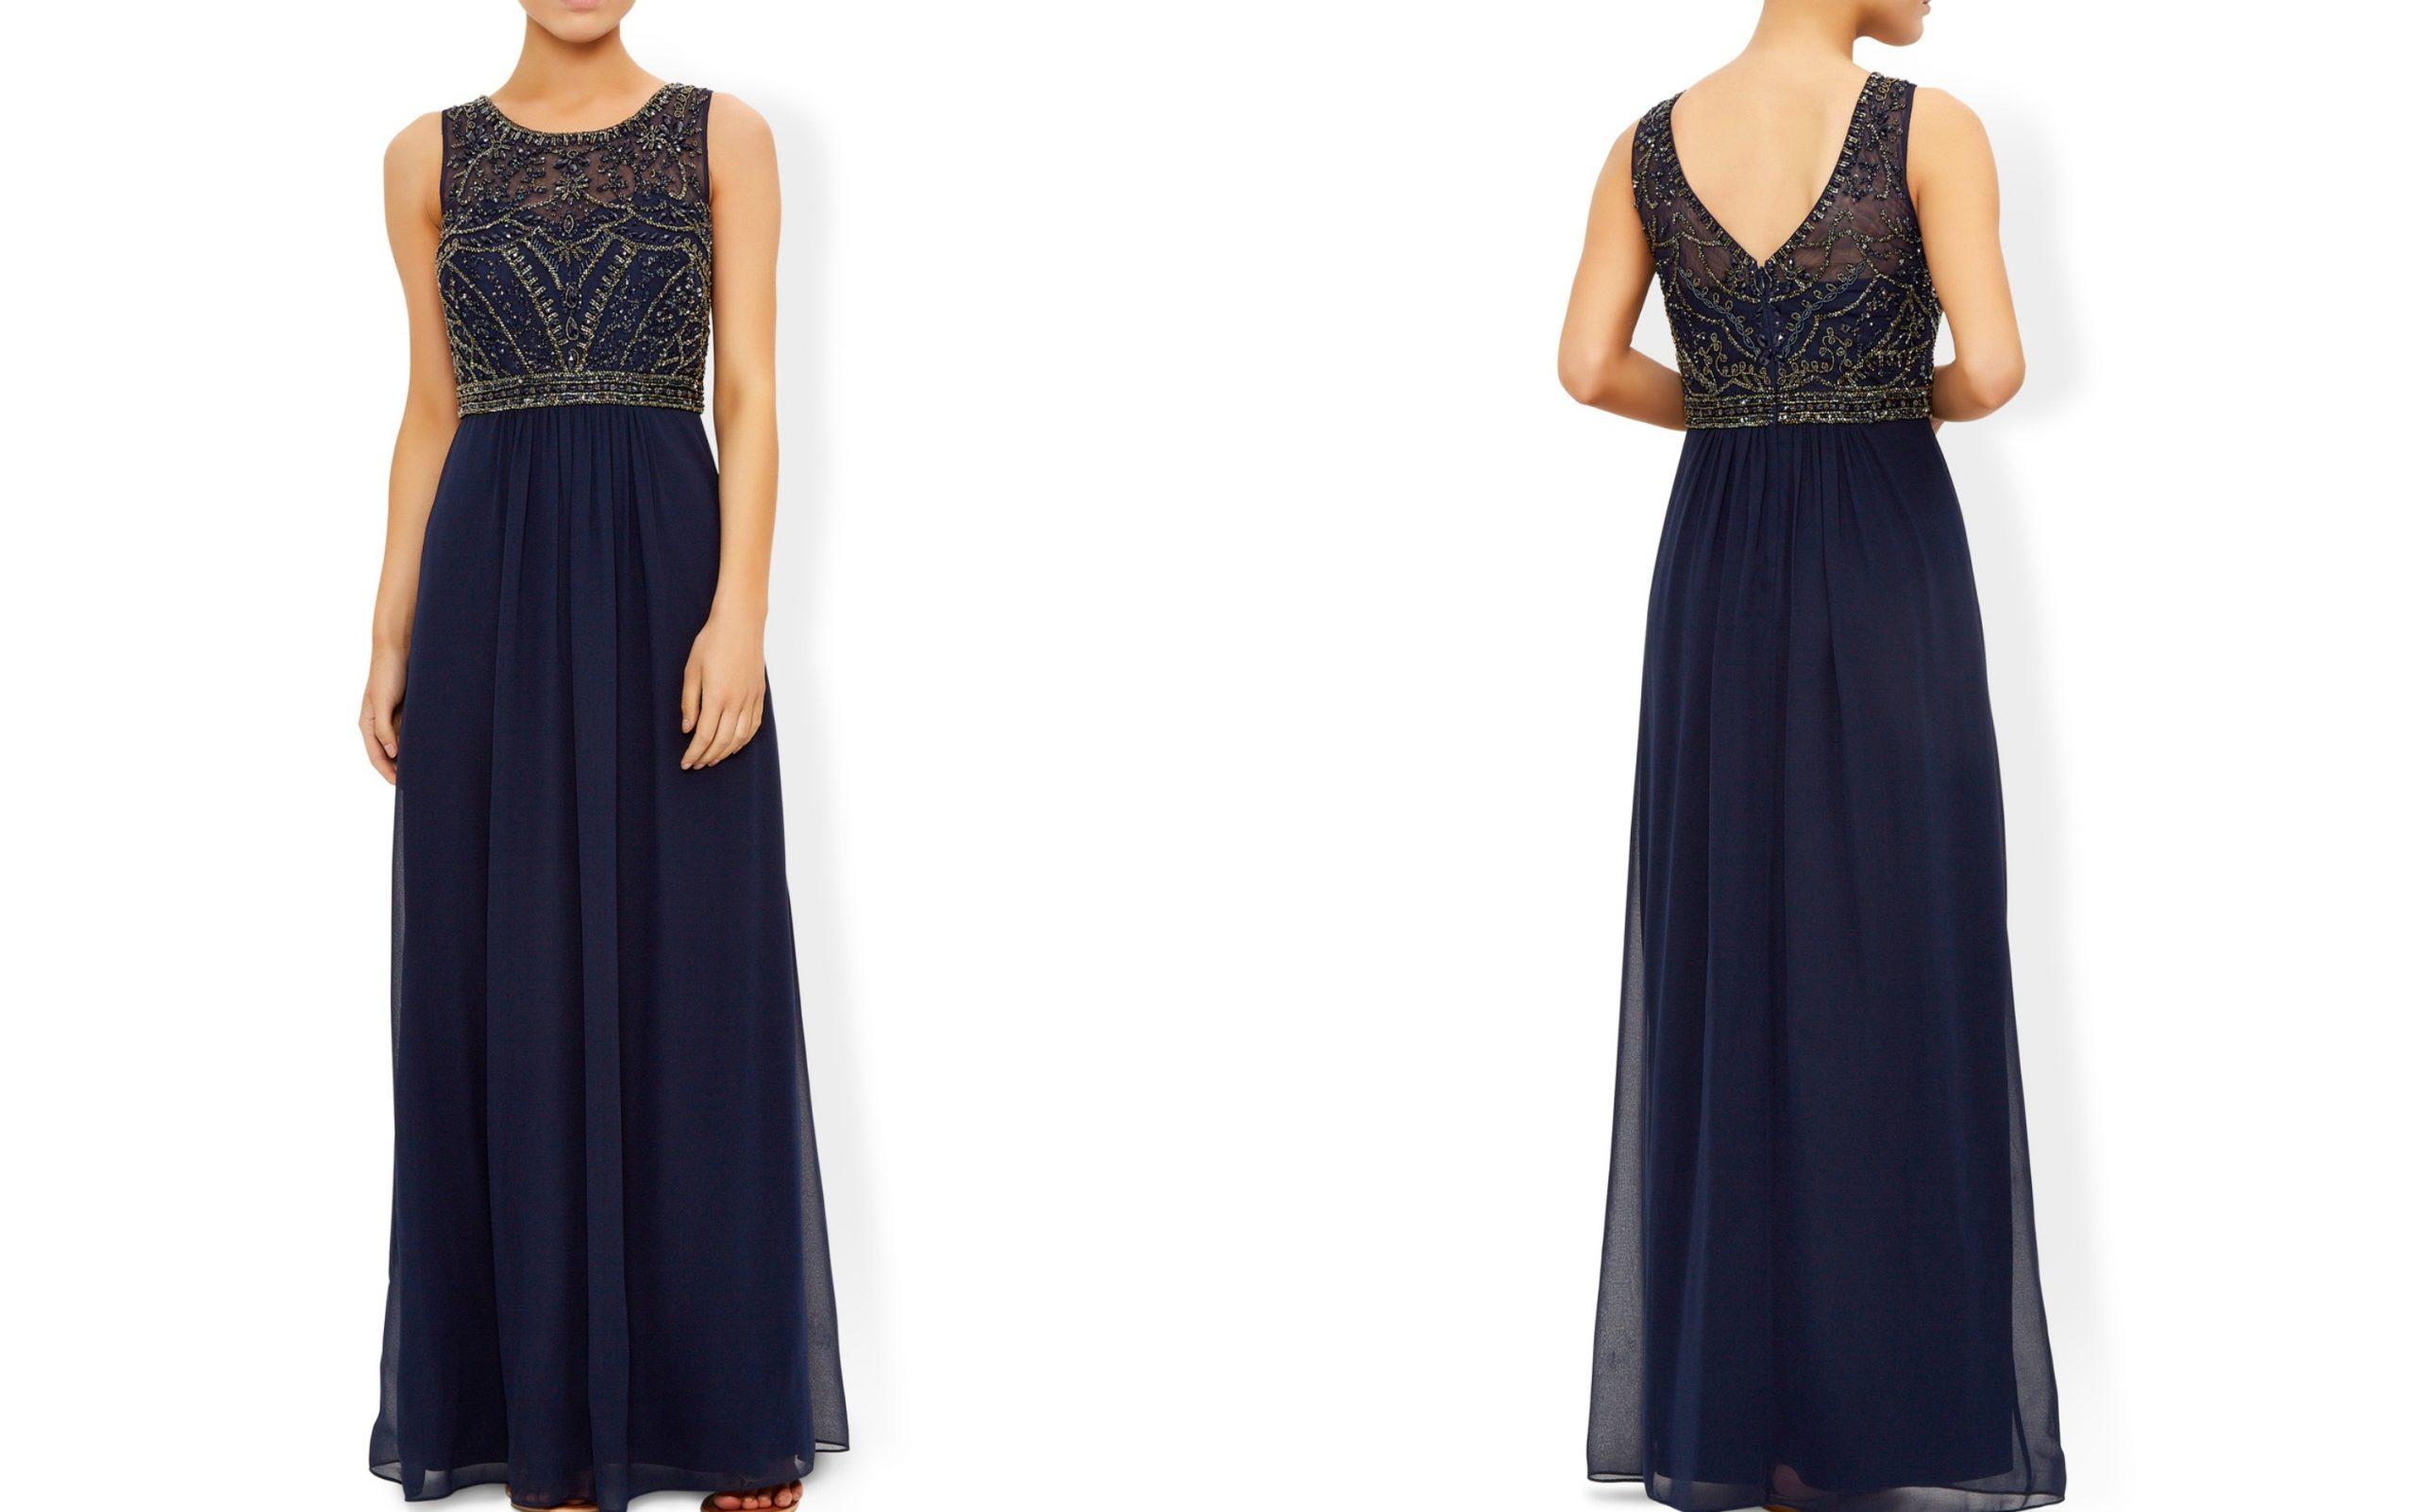 13 Ausgezeichnet Abendkleid Fairtrade Boutique20 Elegant Abendkleid Fairtrade Galerie